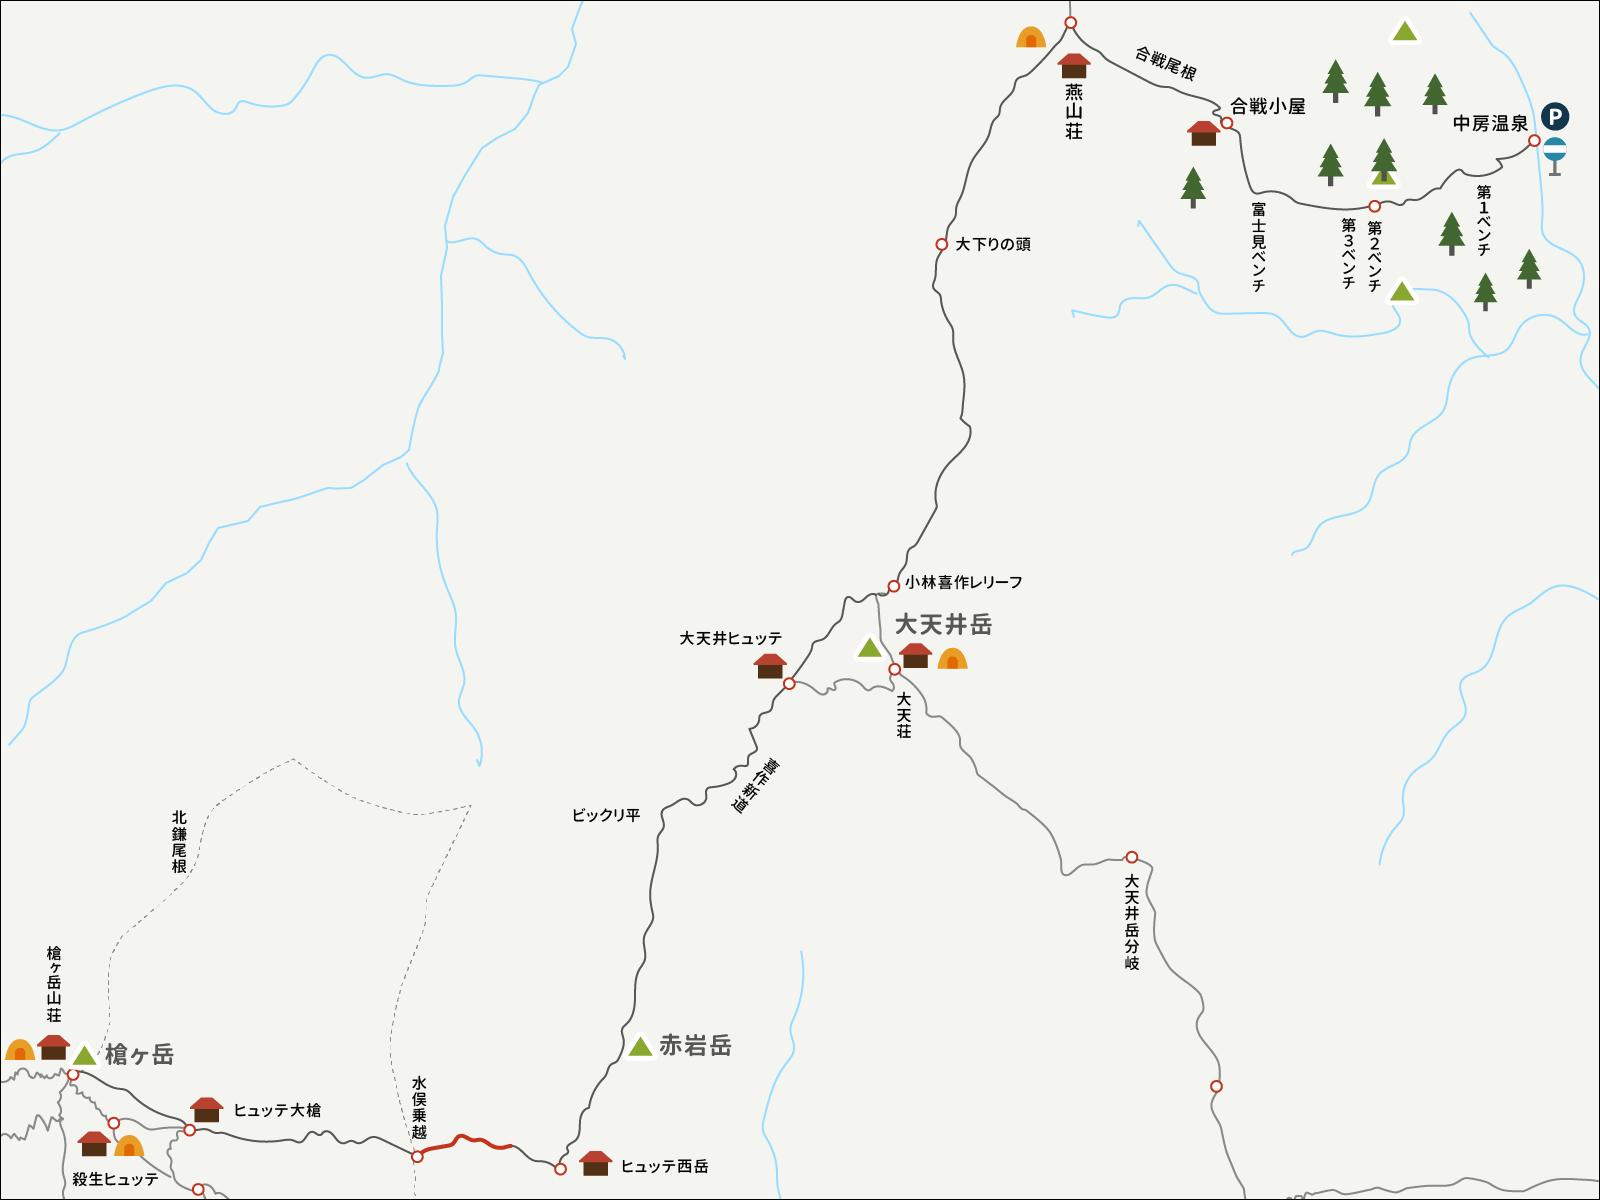 水俣乗越からのイラストマップ